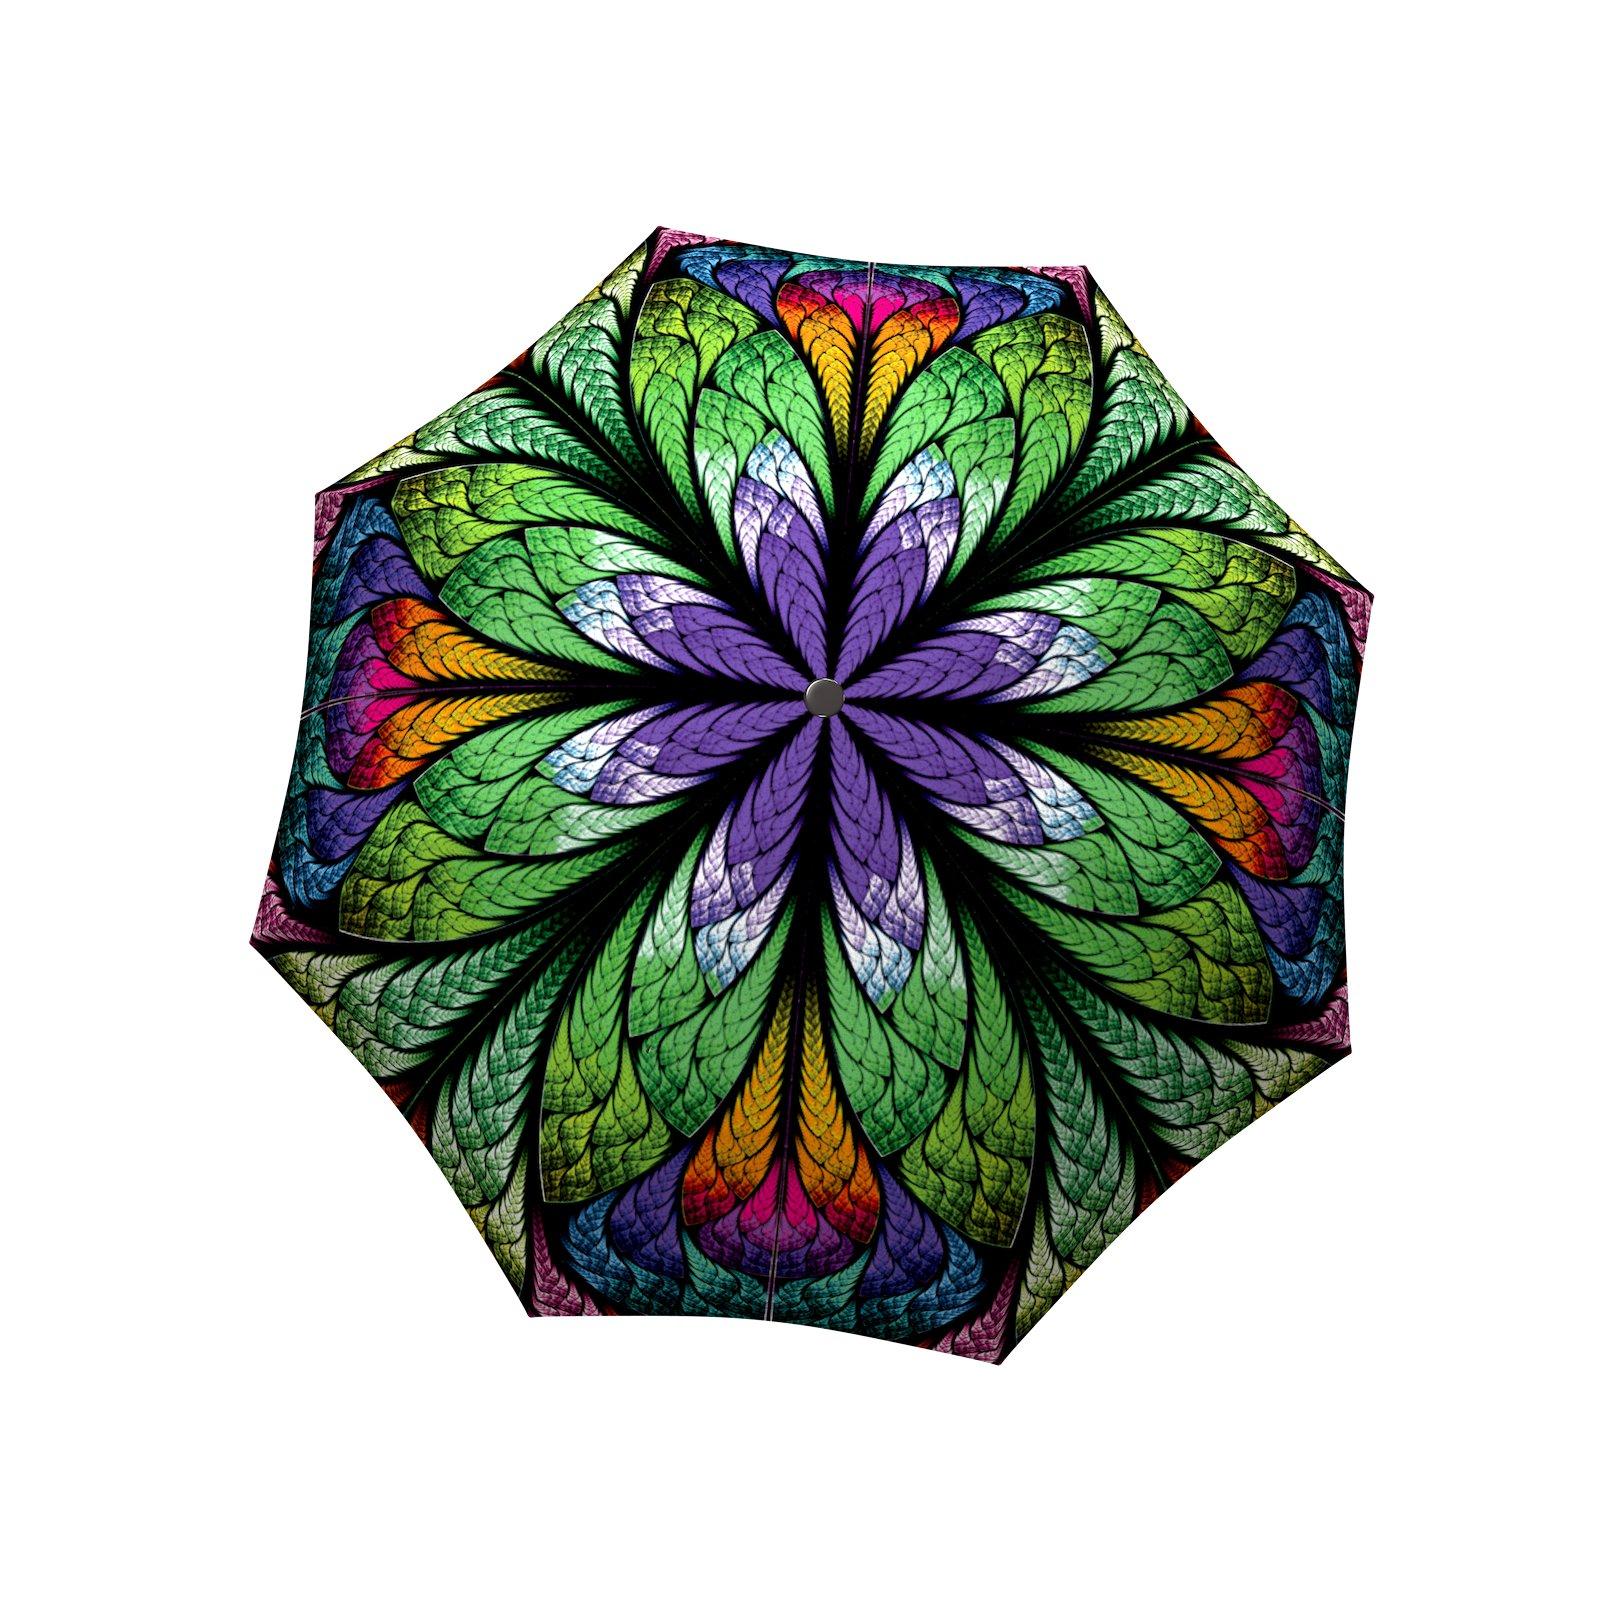 LA BELLA UMBRELLA Peacock Designer Unique Art Travel Fashion Umbrella in Stylish Gift Box - Windproof Folding Automatic Open Close